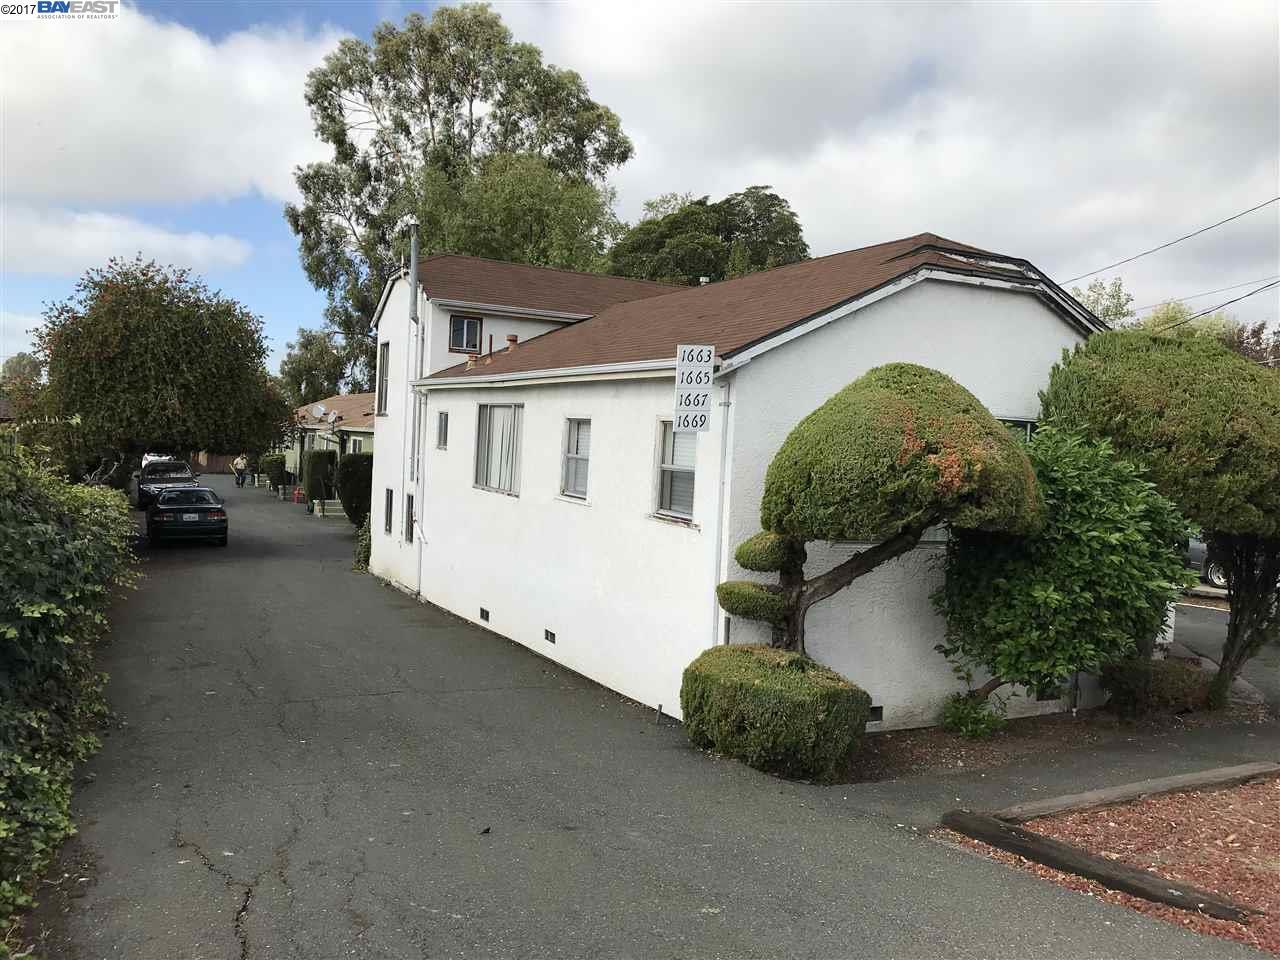 Multi-Family Home for Sale at 1661 Mono Avenue 1661 Mono Avenue San Lorenzo, California 94578 United States